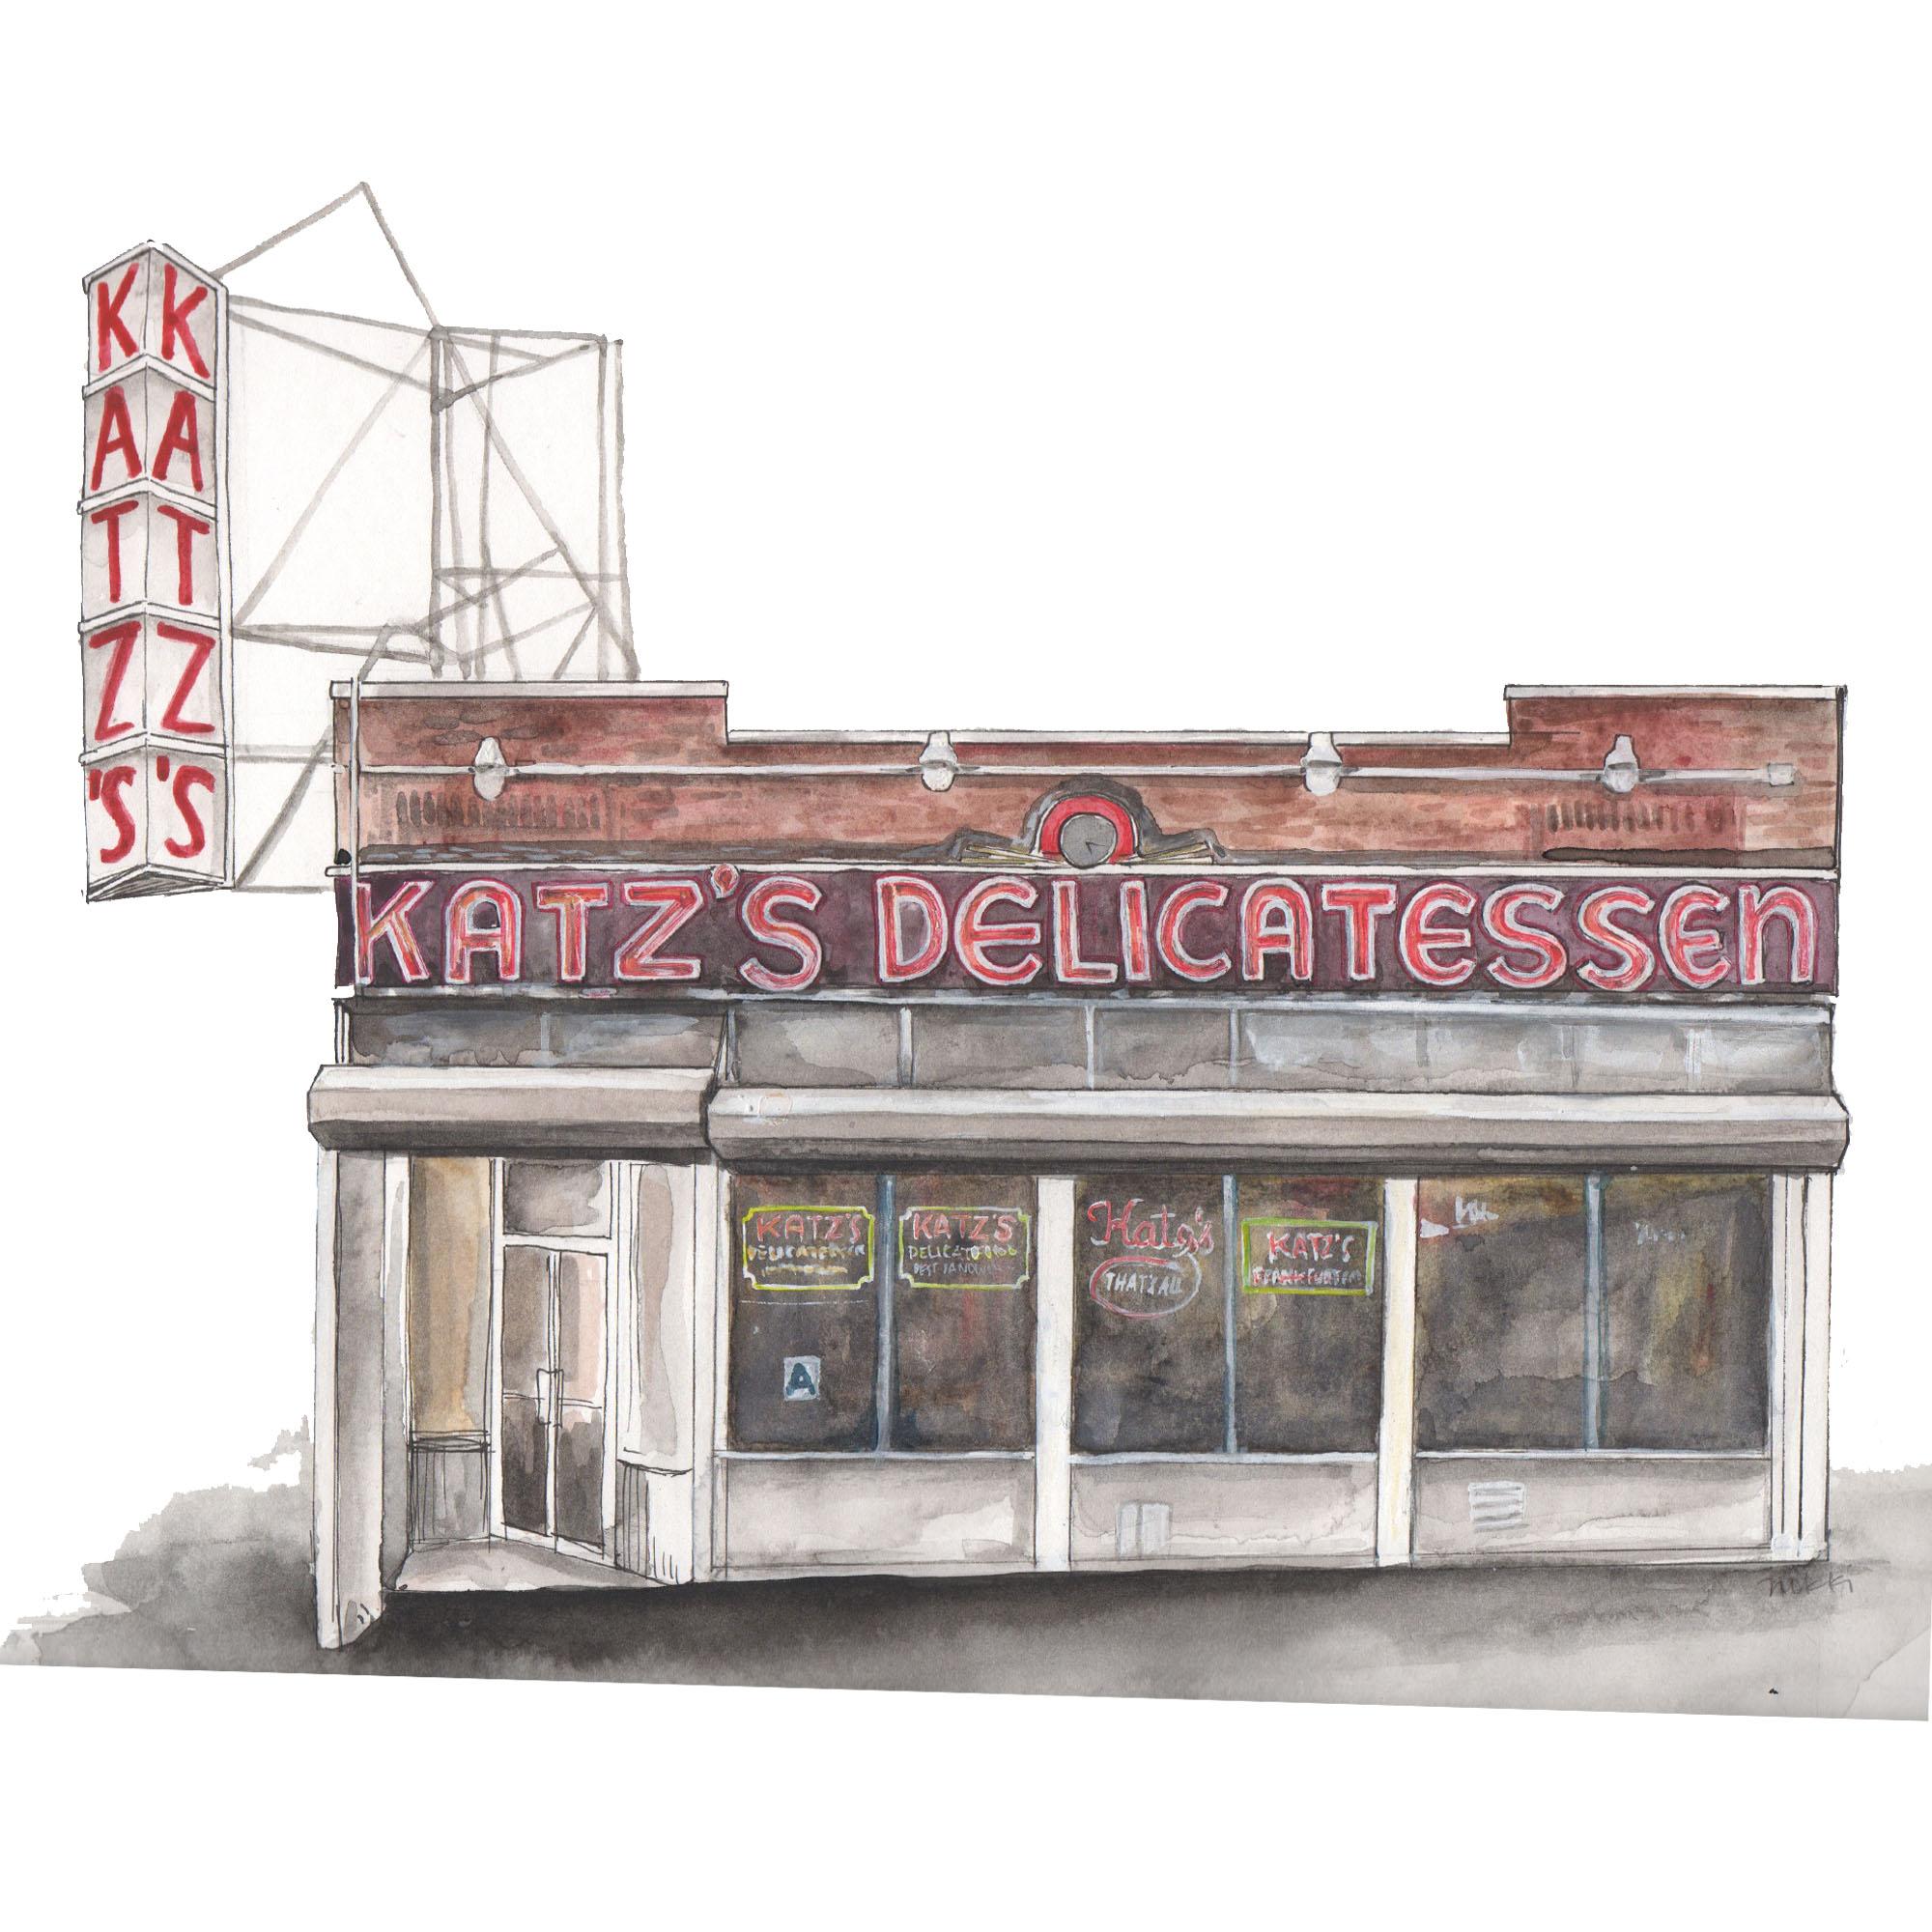 Katz's Deli.jpeg